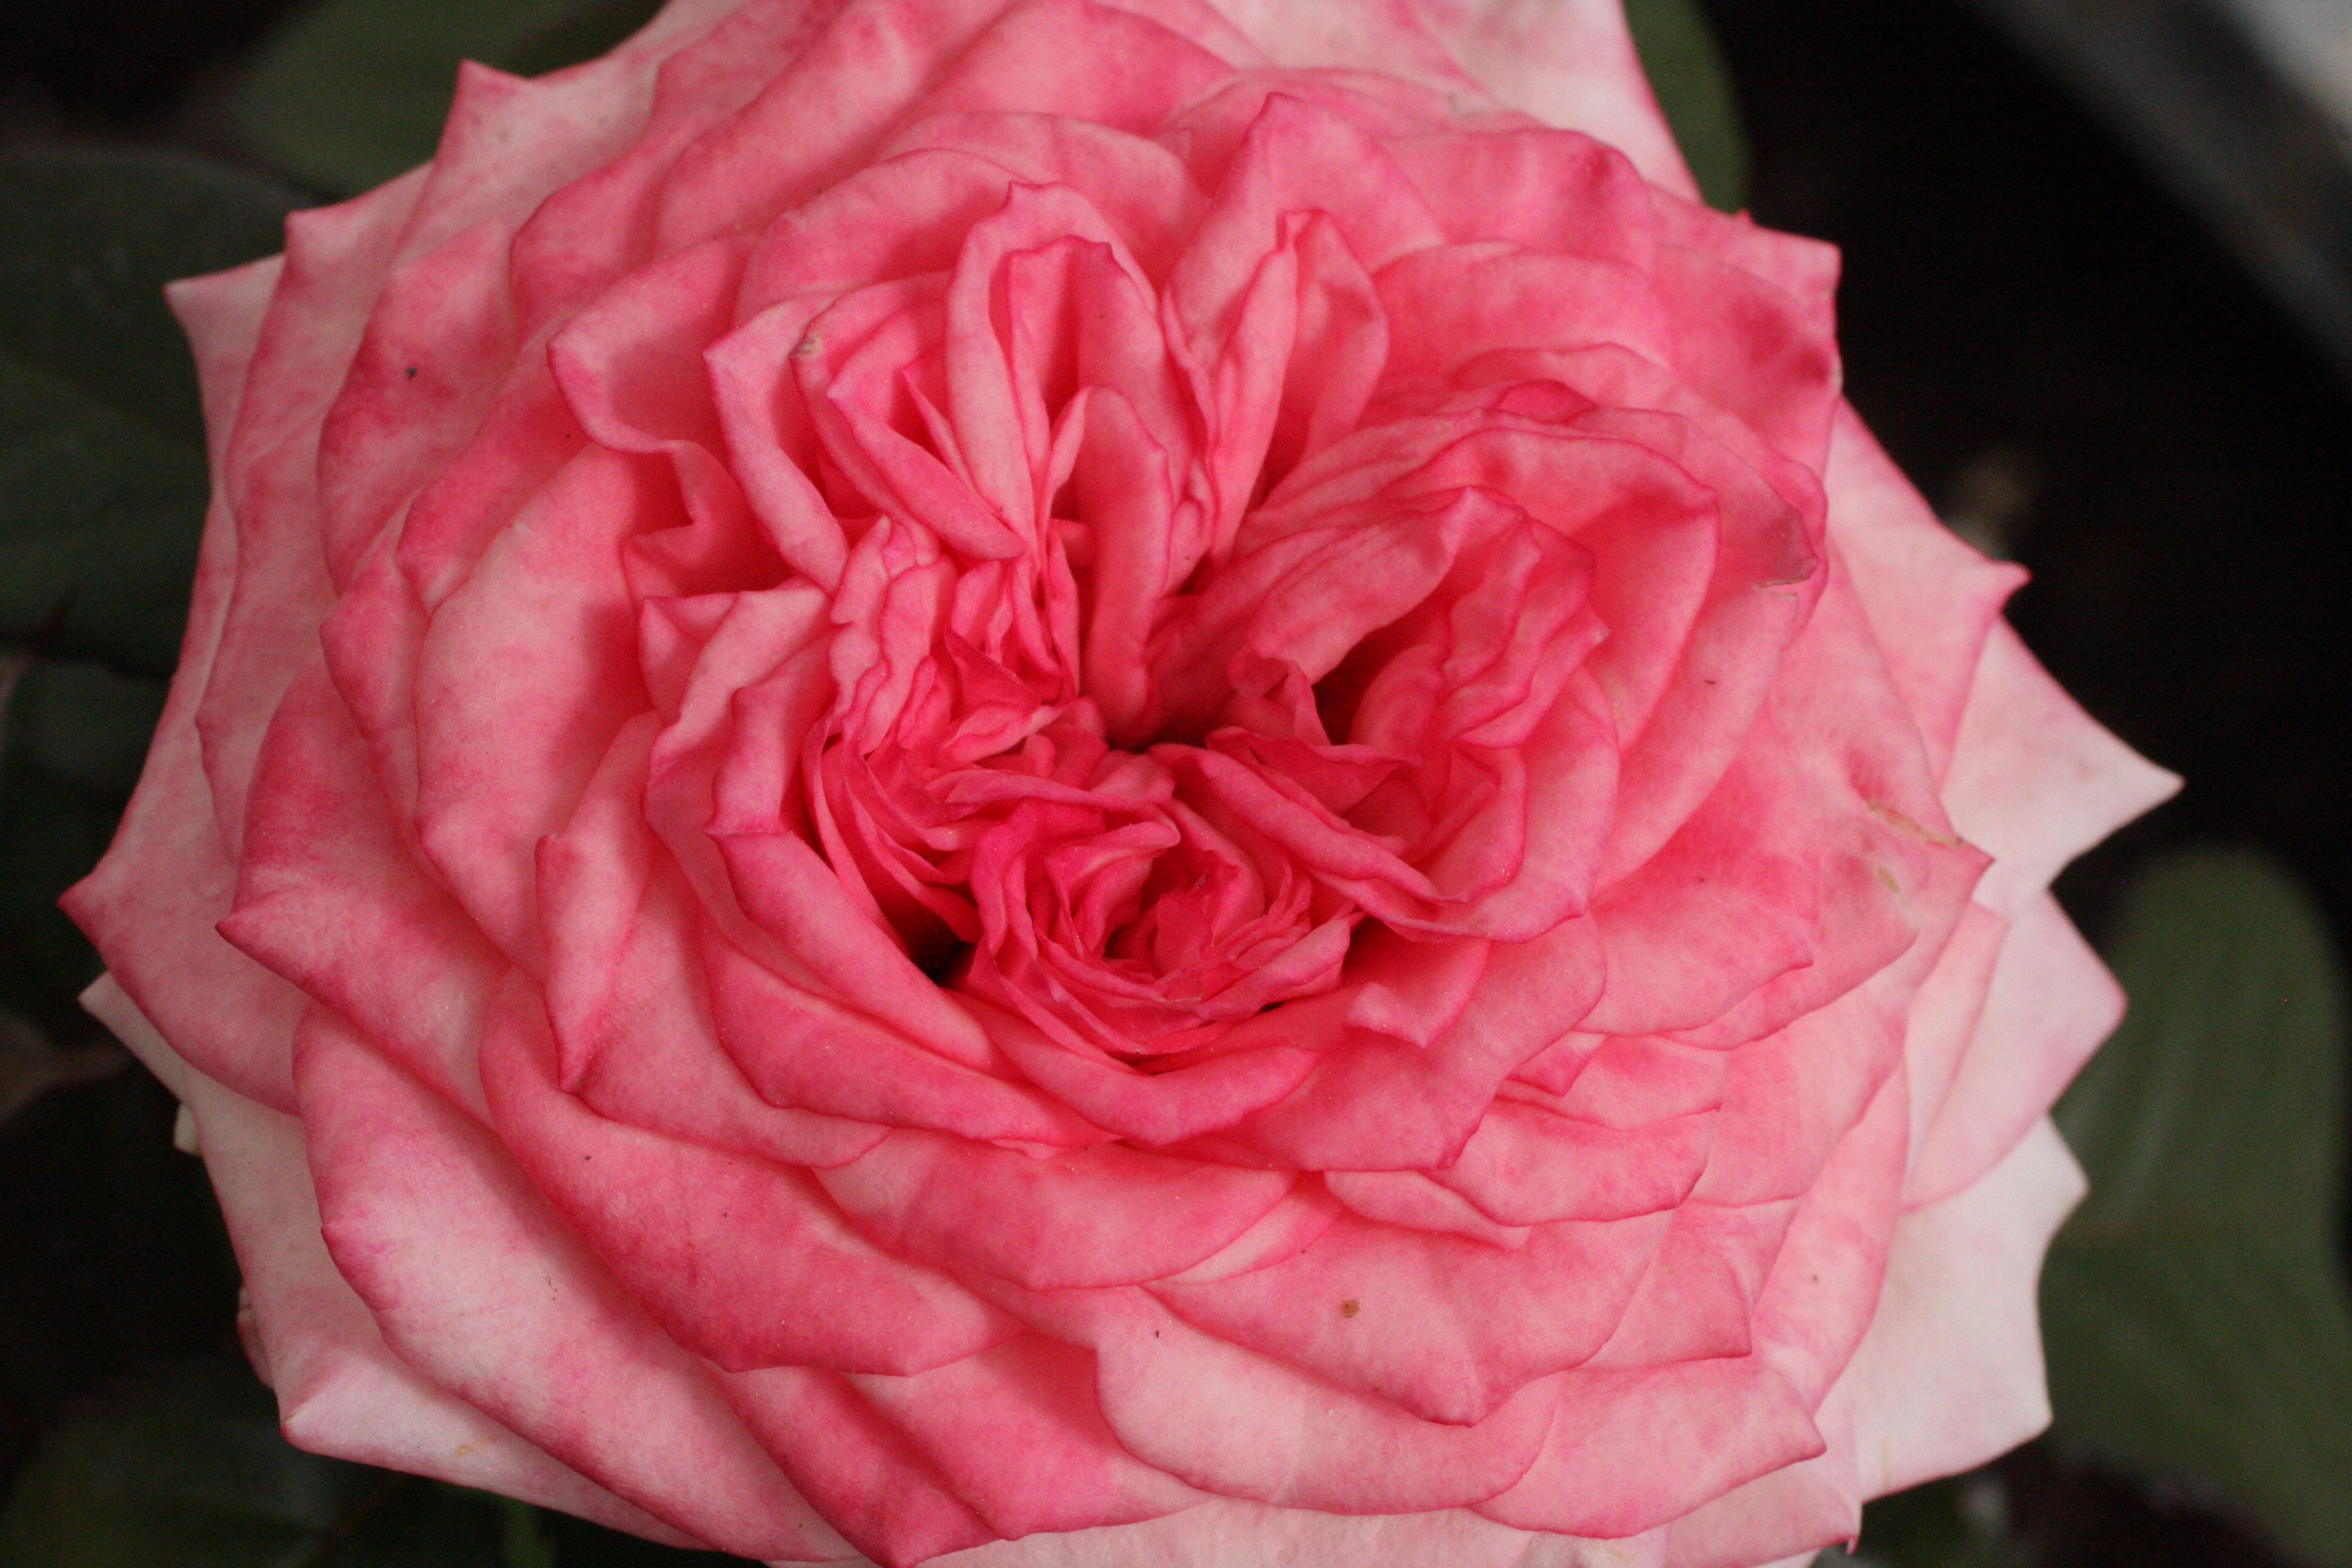 rosa ros pink rose